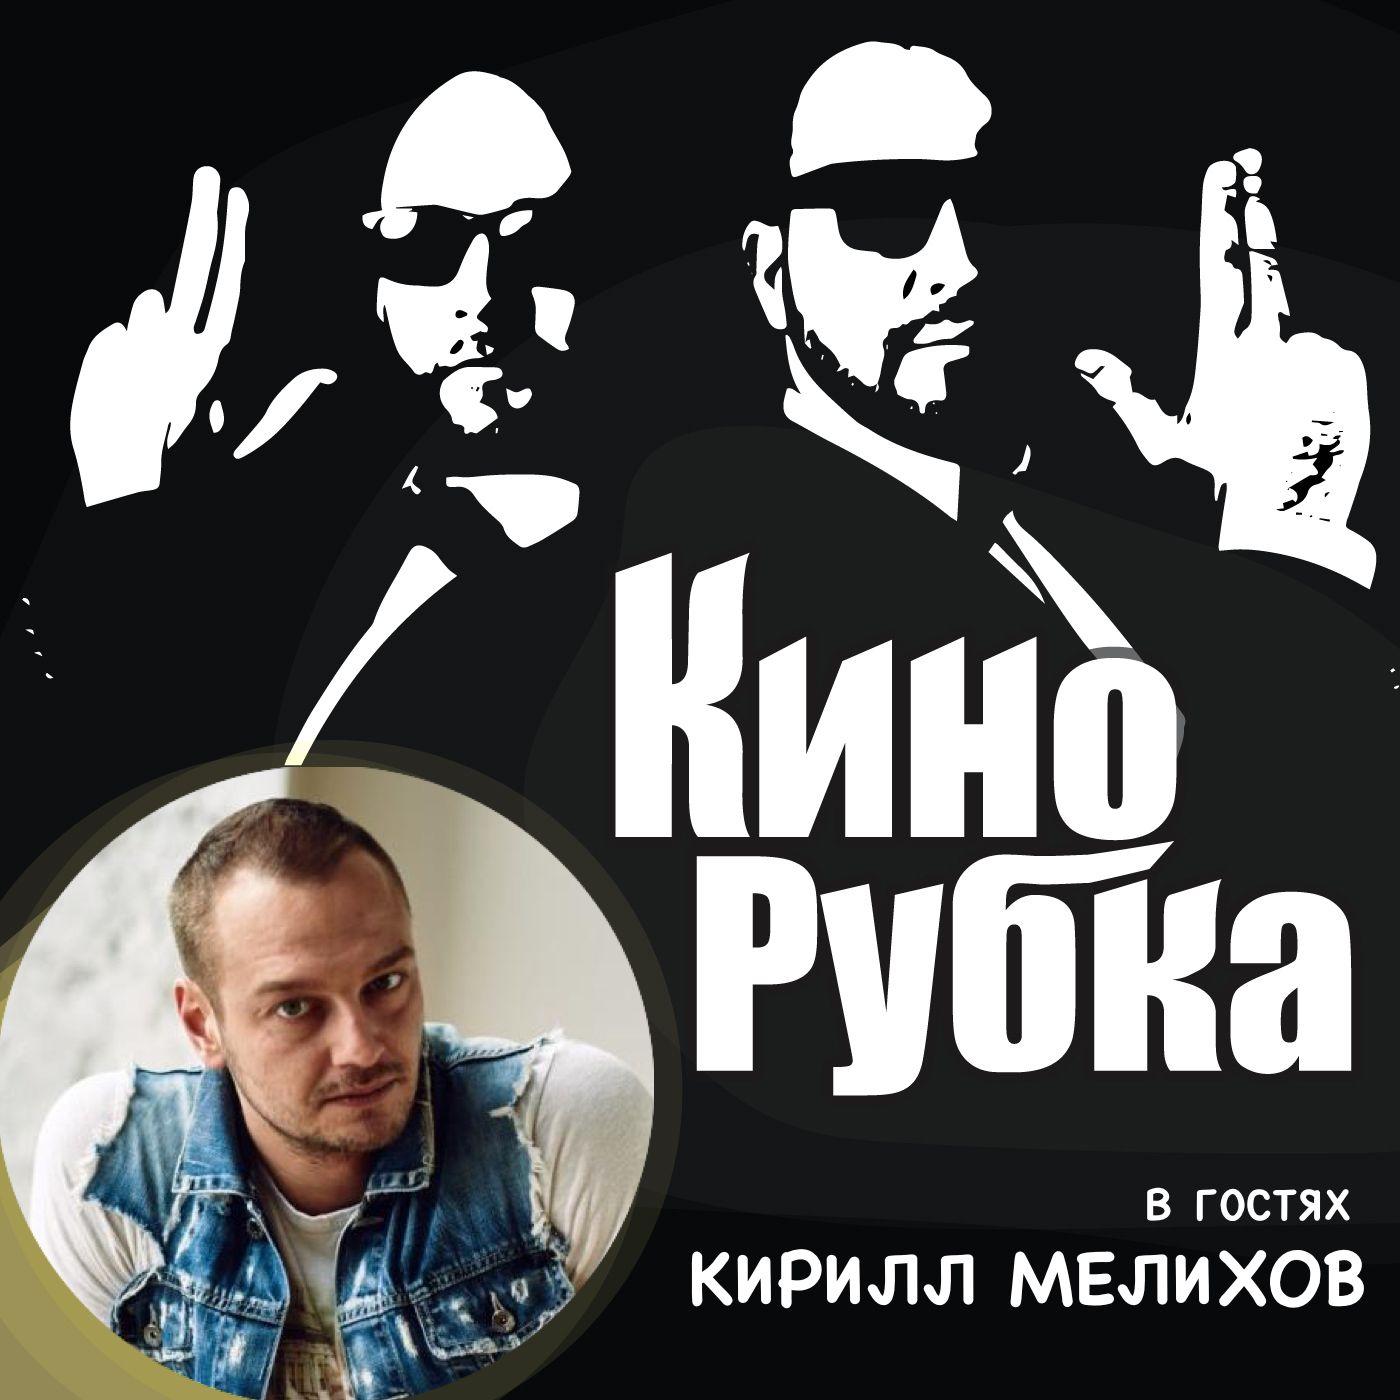 цена на Павел Дикан Актер кино Кирилл Мелихов